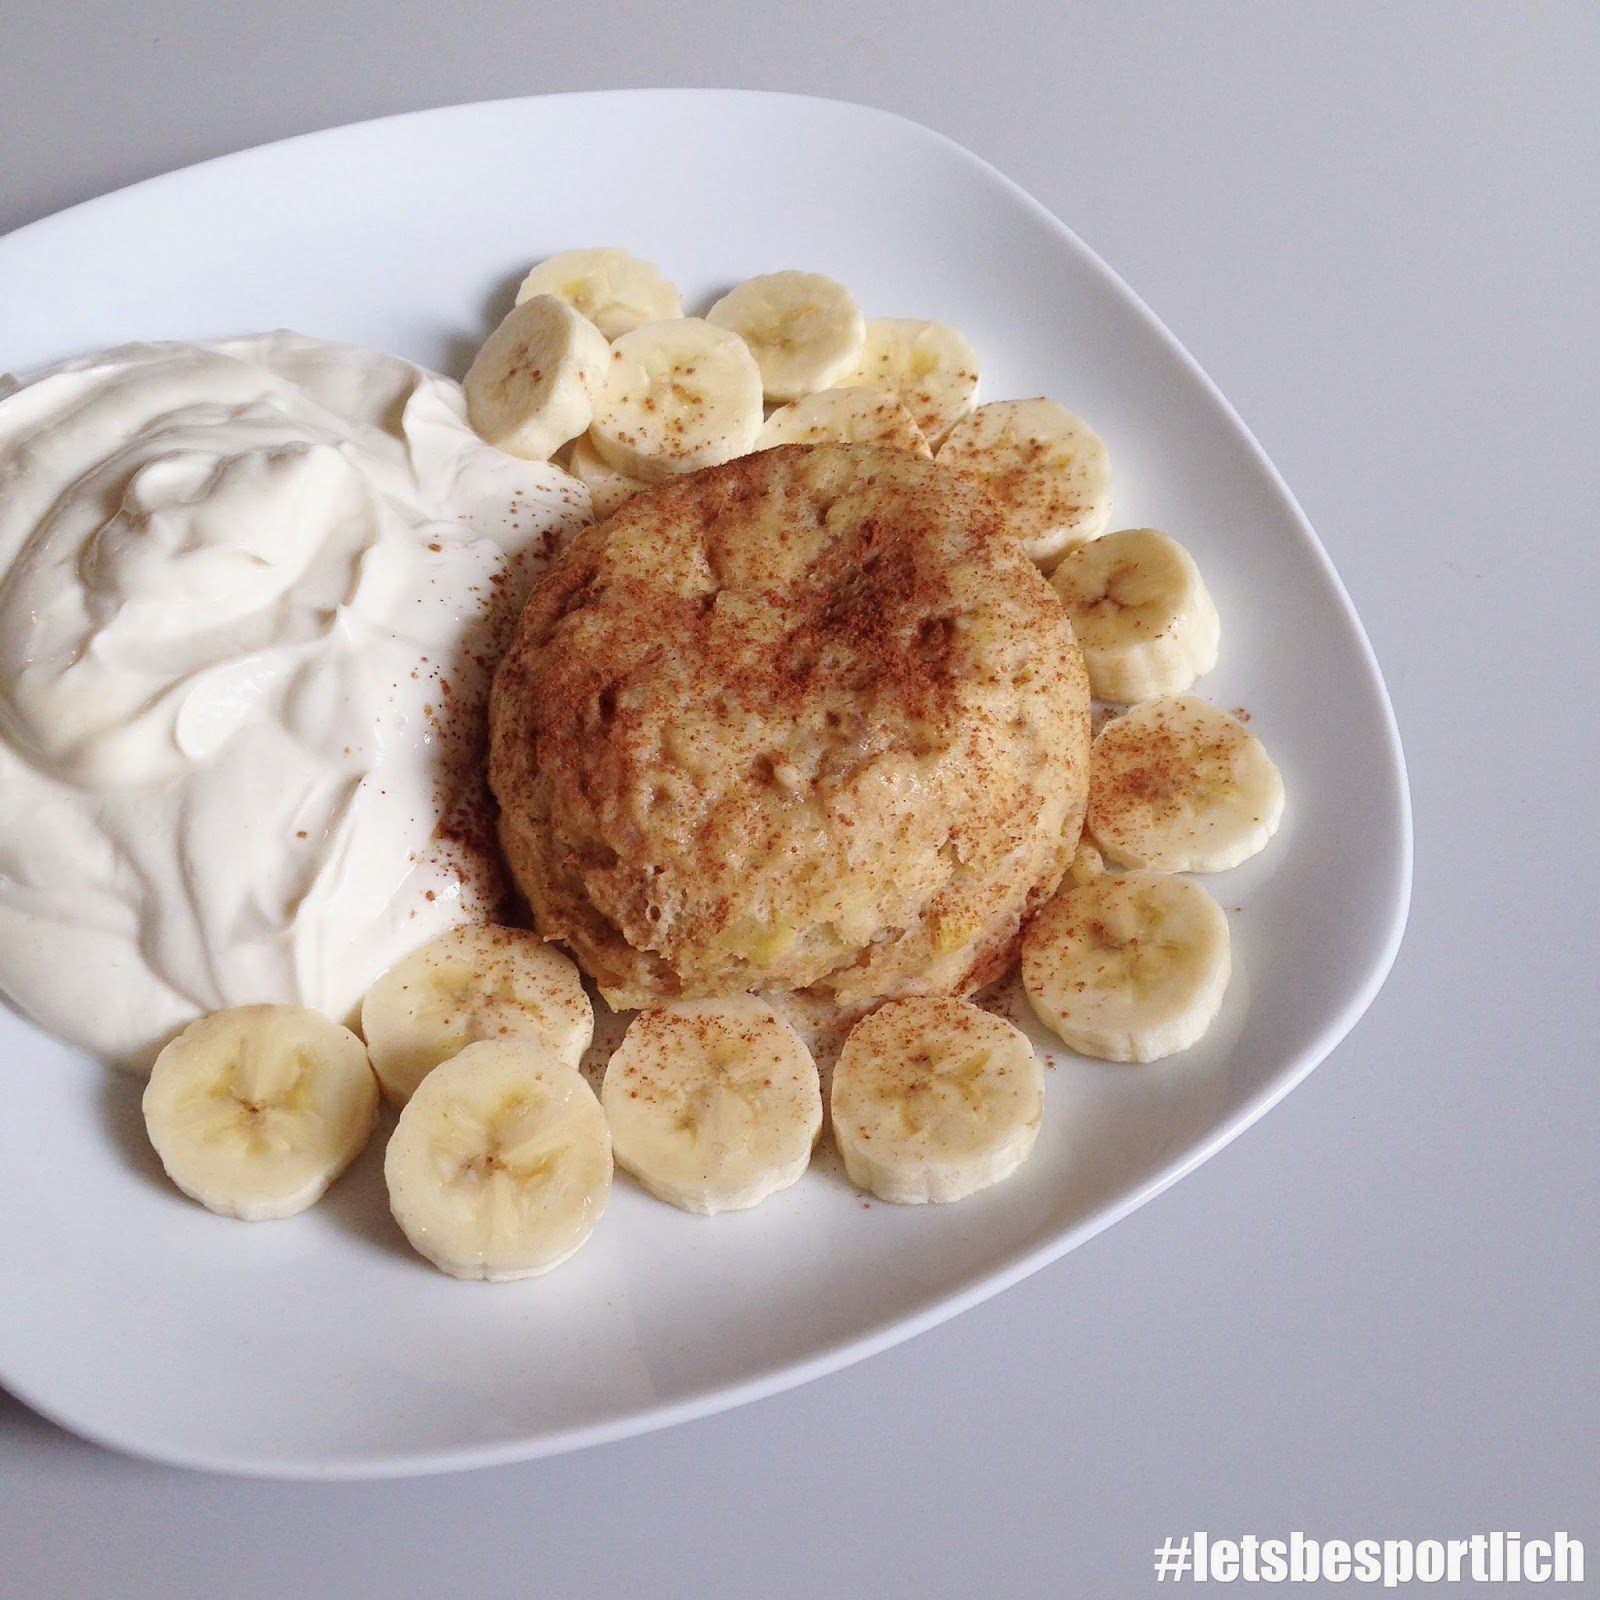 Letsbesportlich Bananen Protein Mugcake Mikrowellenkuchen